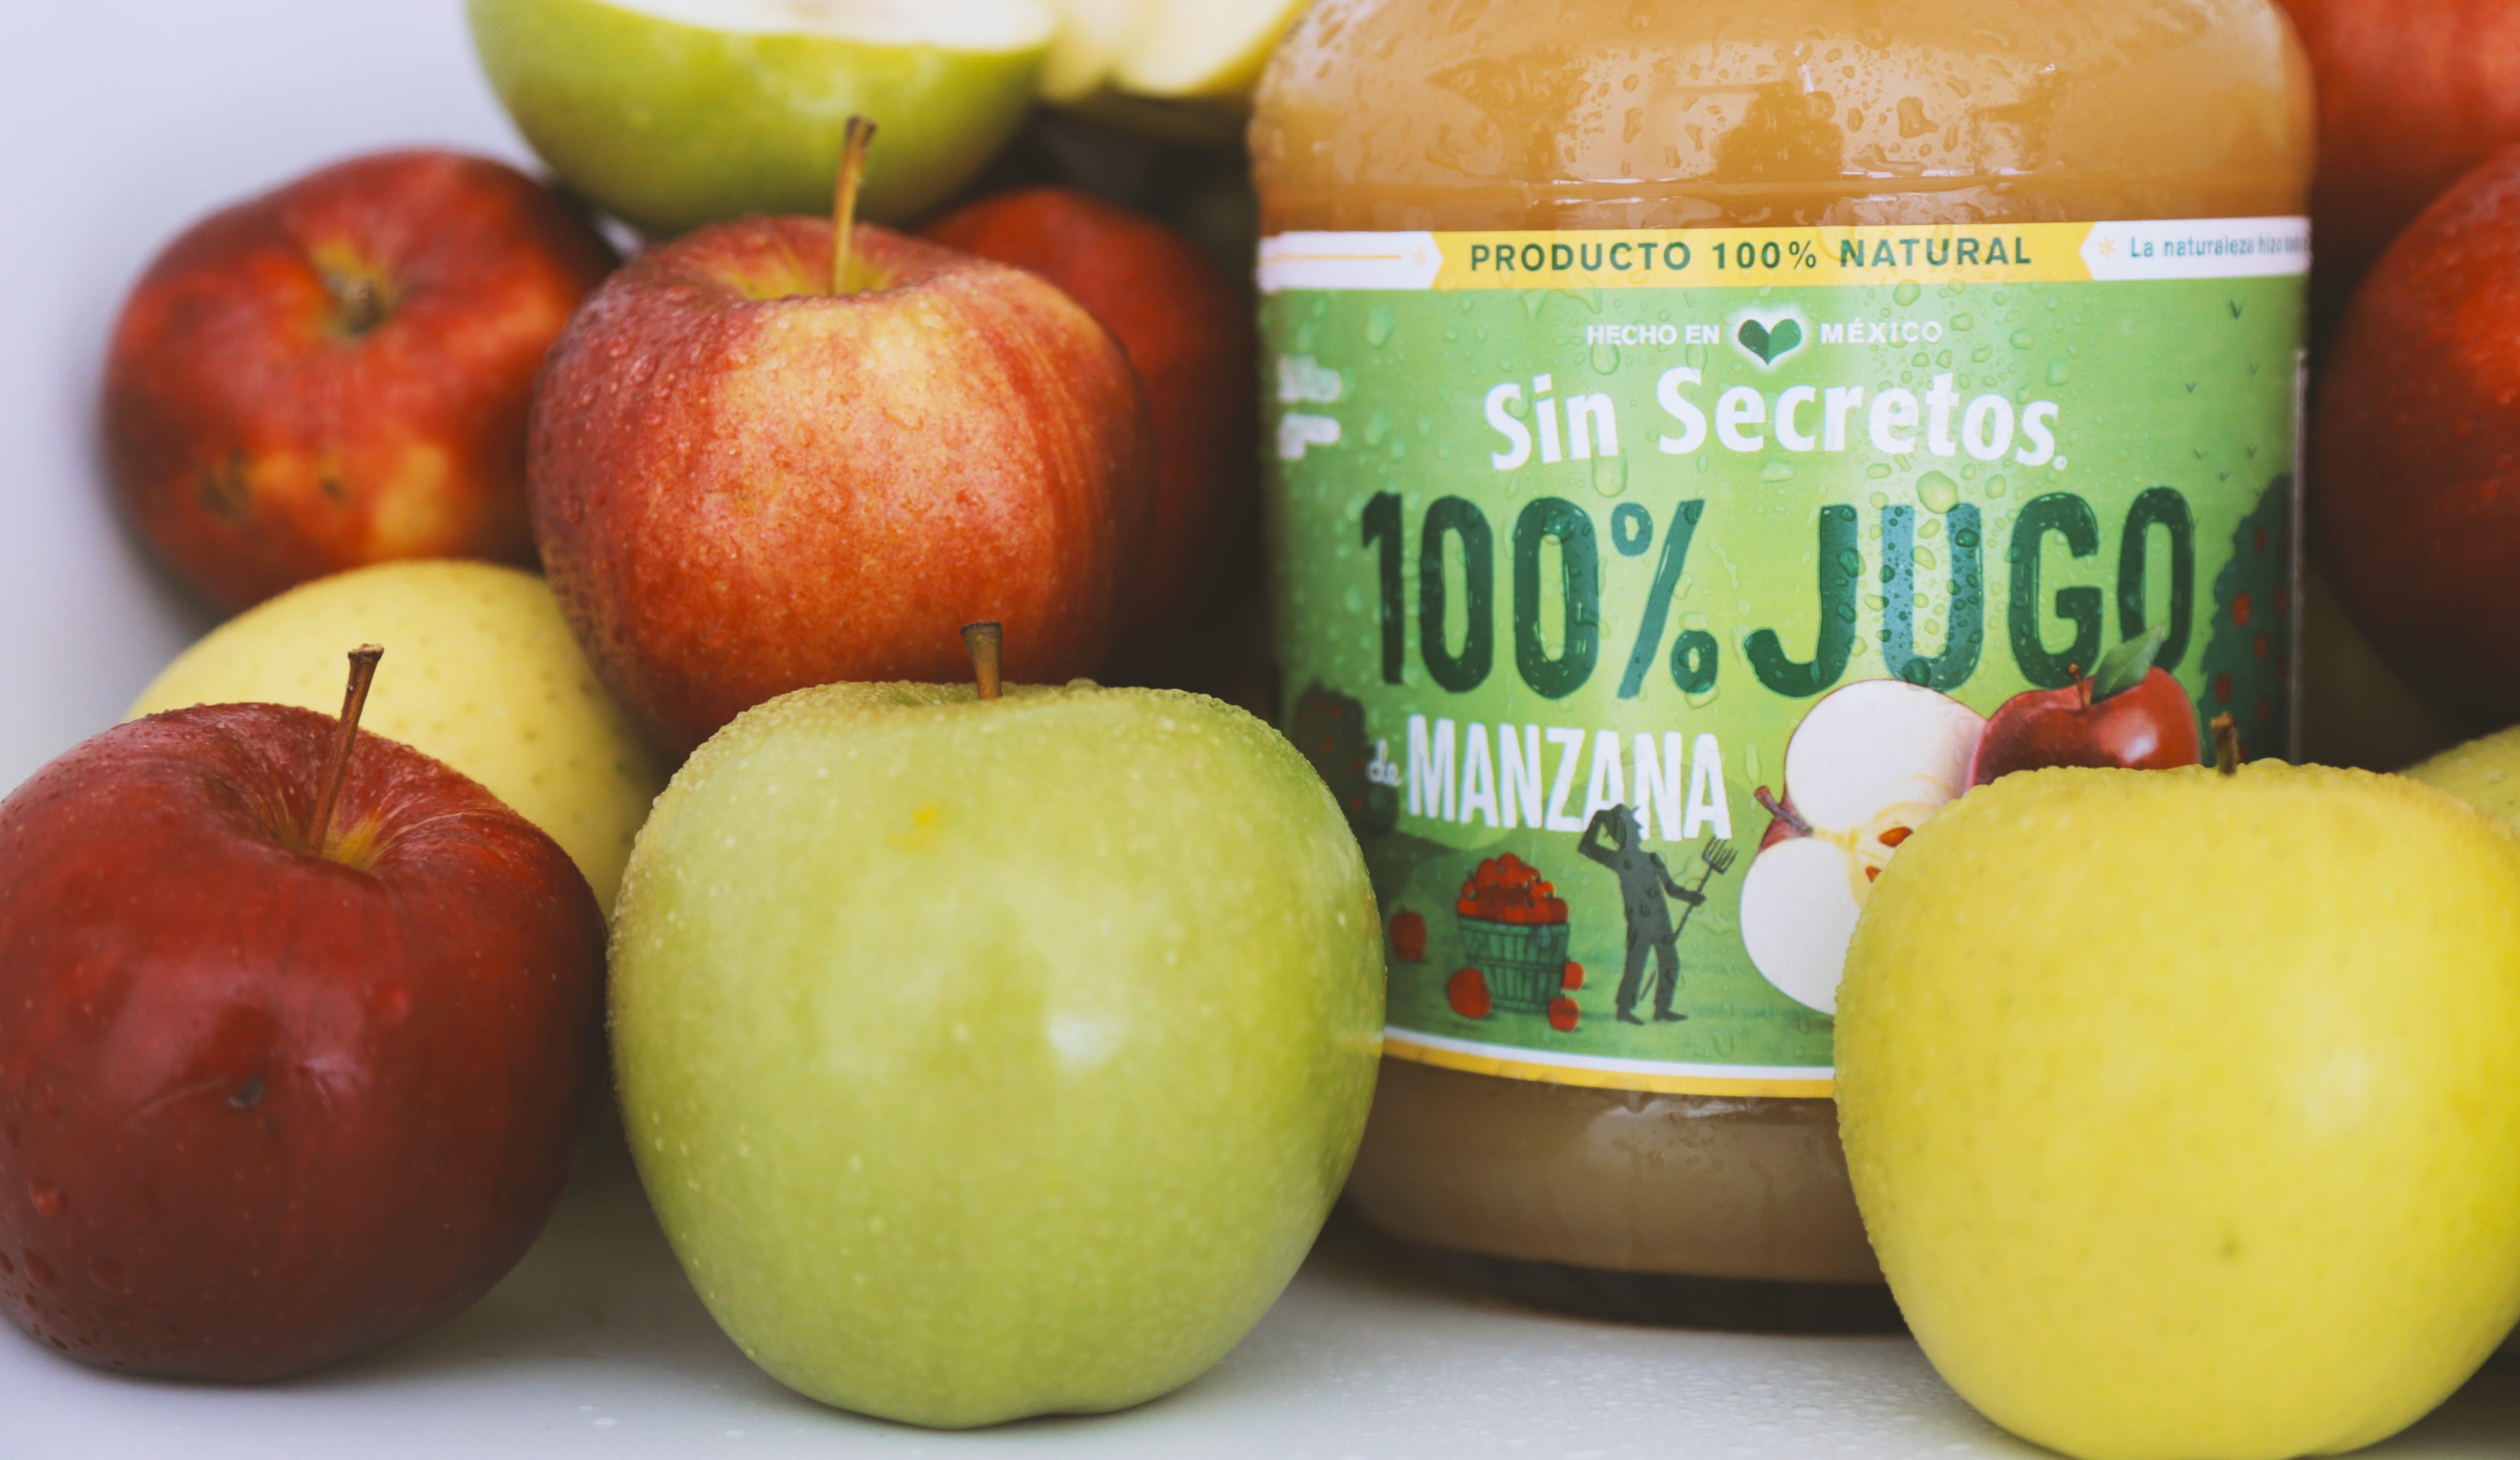 Tomar jugo de manzana